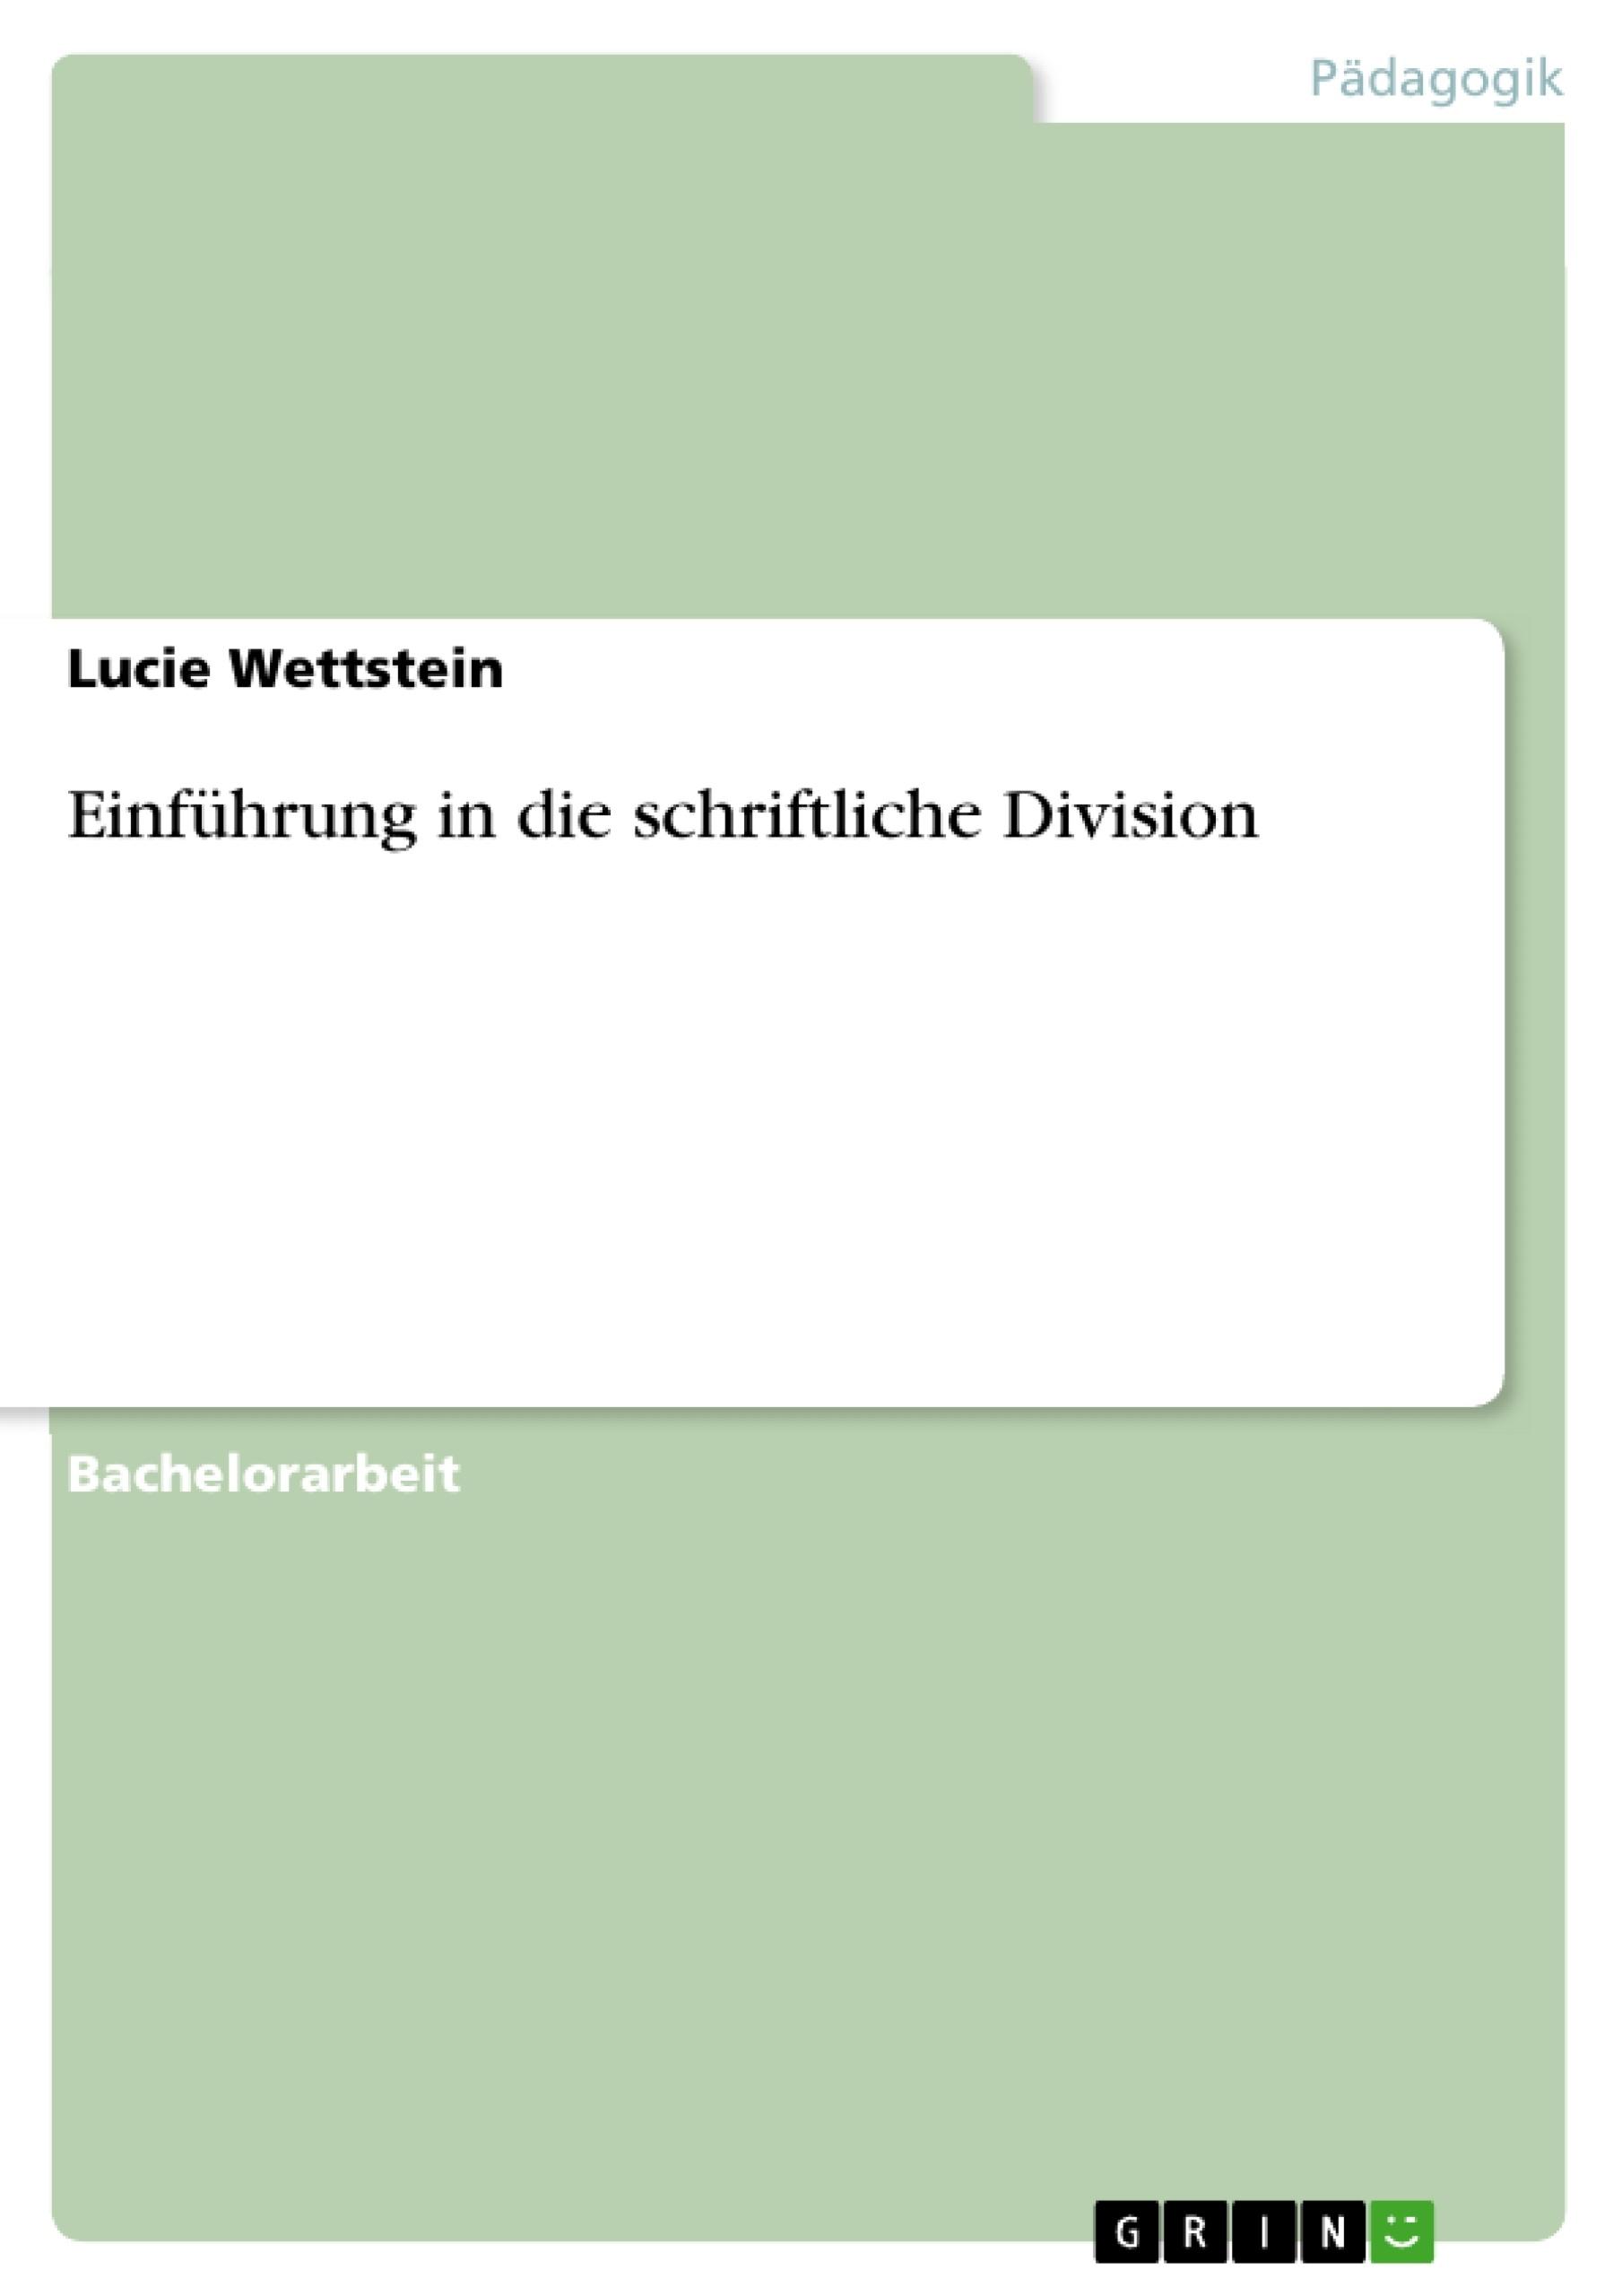 Einführung in die schriftliche Division | Masterarbeit, Hausarbeit ...